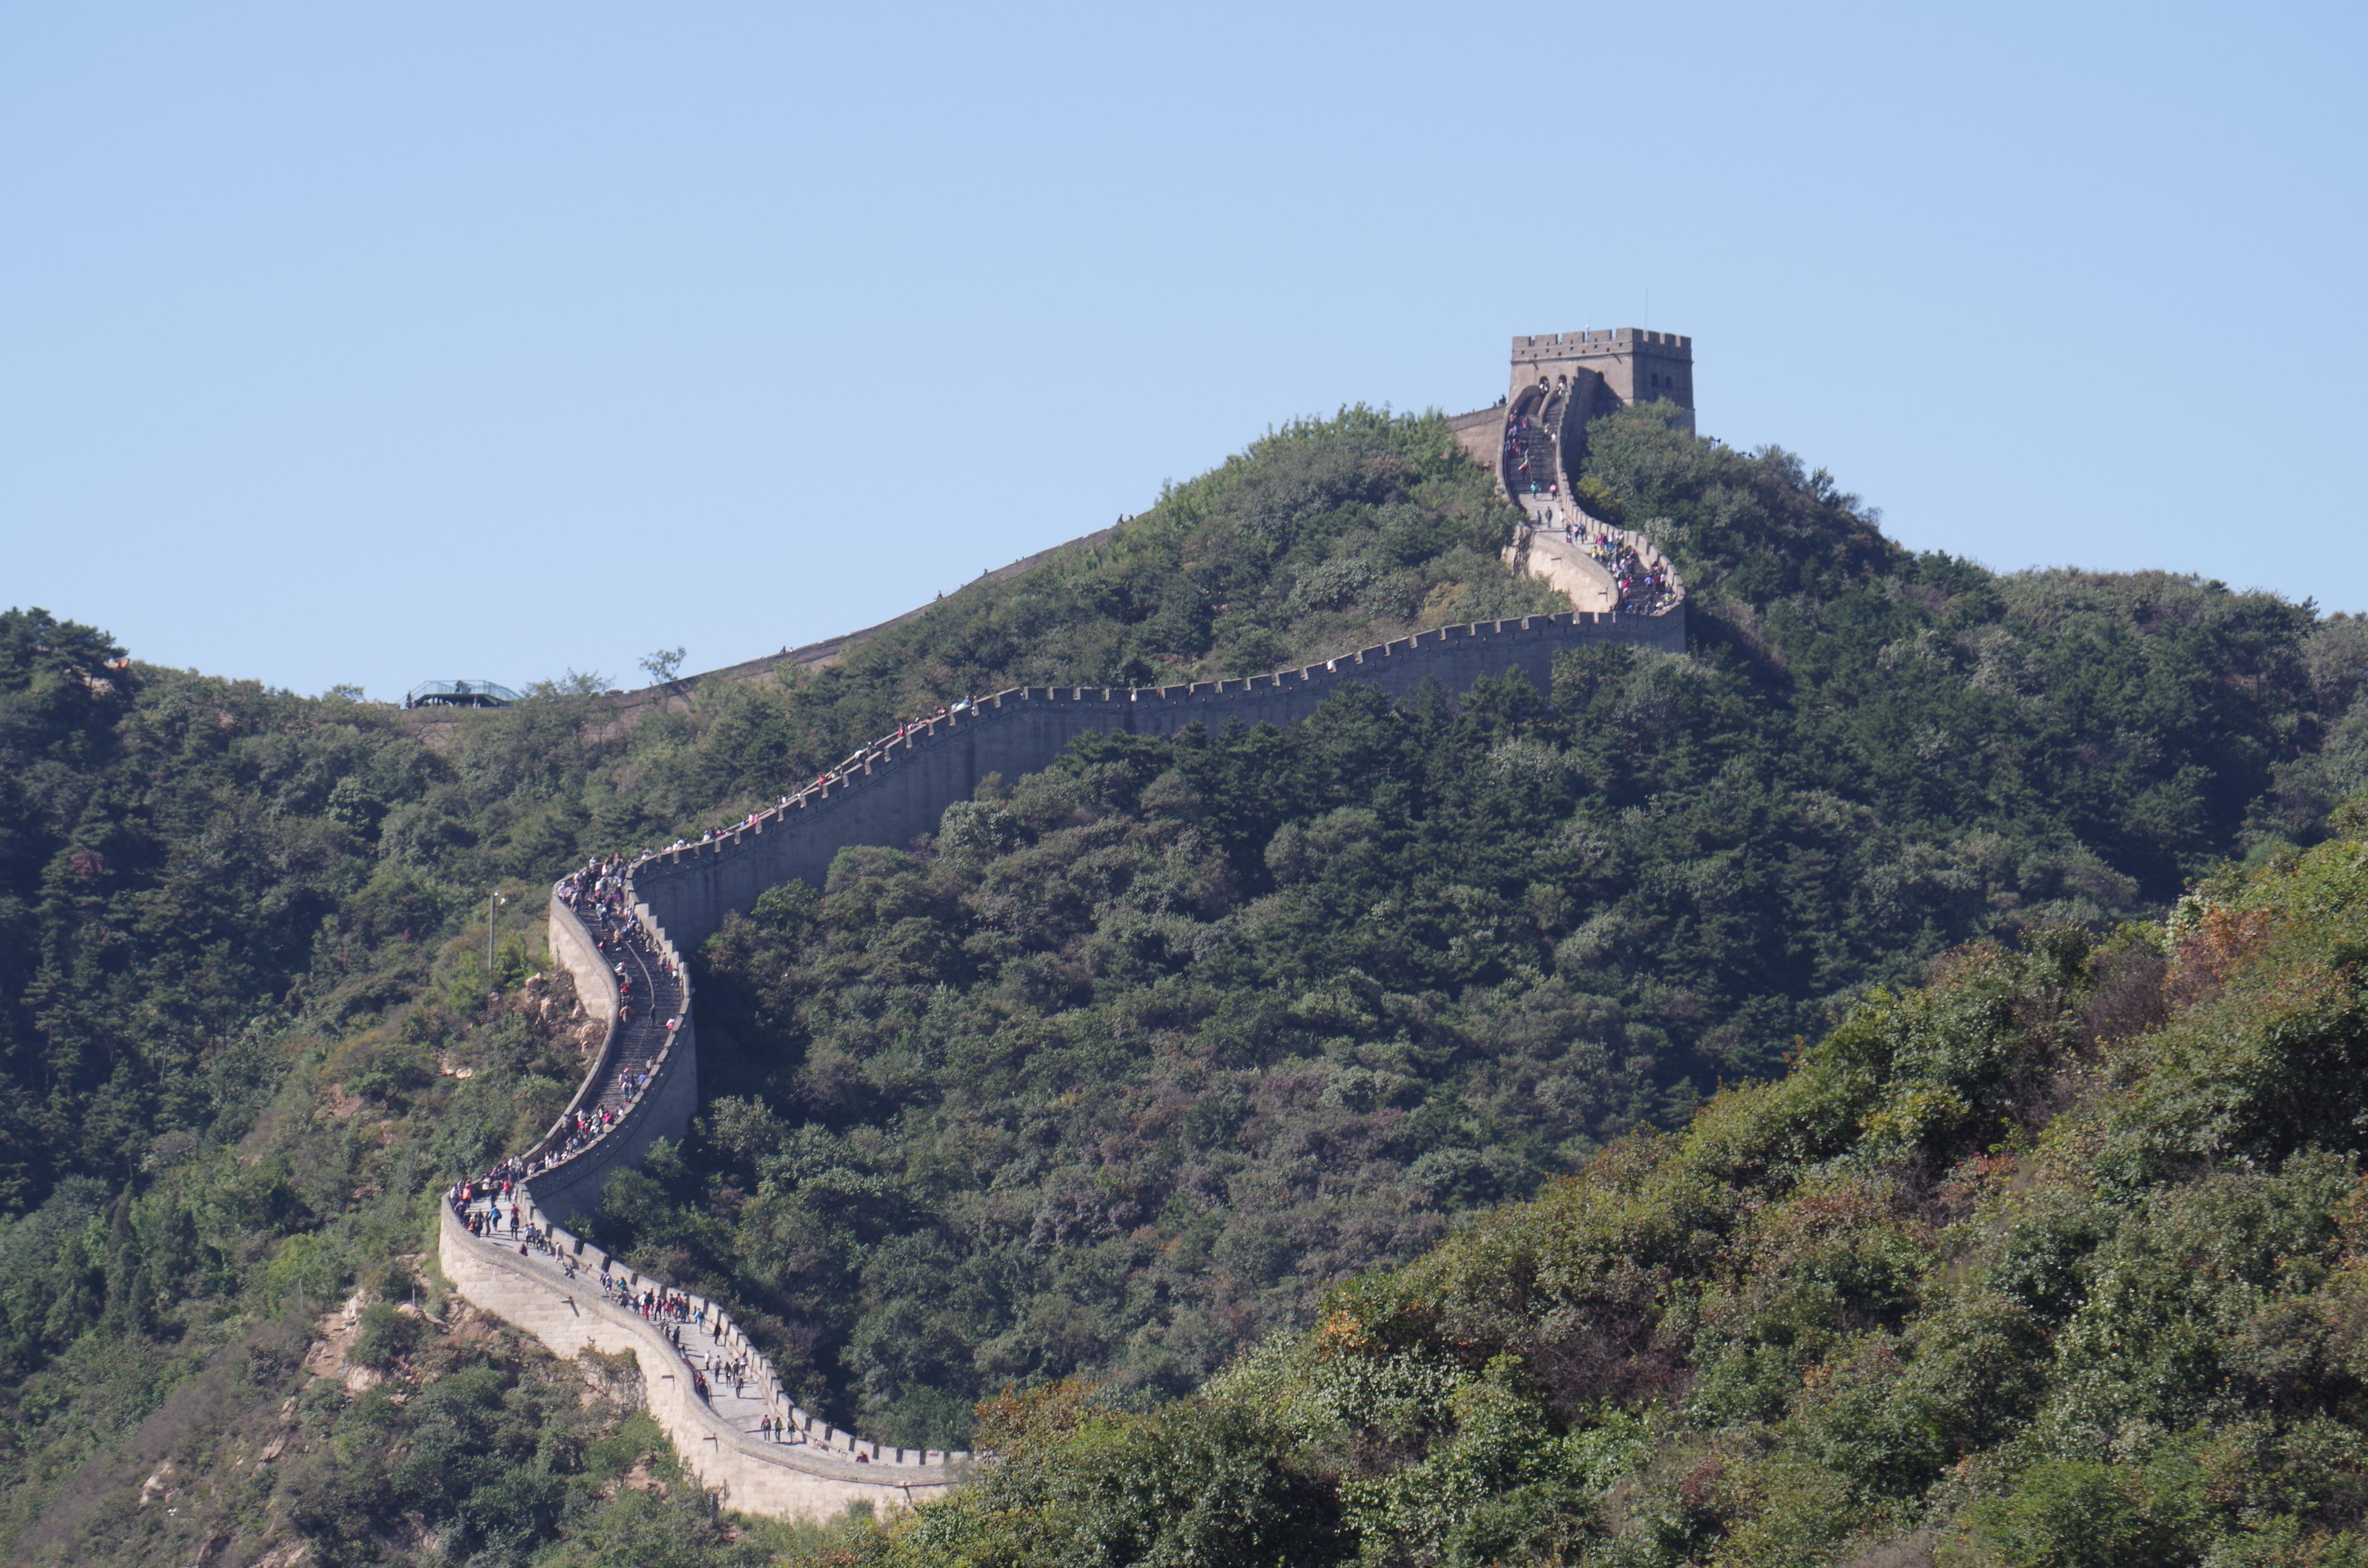 中国长城图片_北京八达岭长城图片大全_景点图片/摄影照片【驴妈妈攻略】